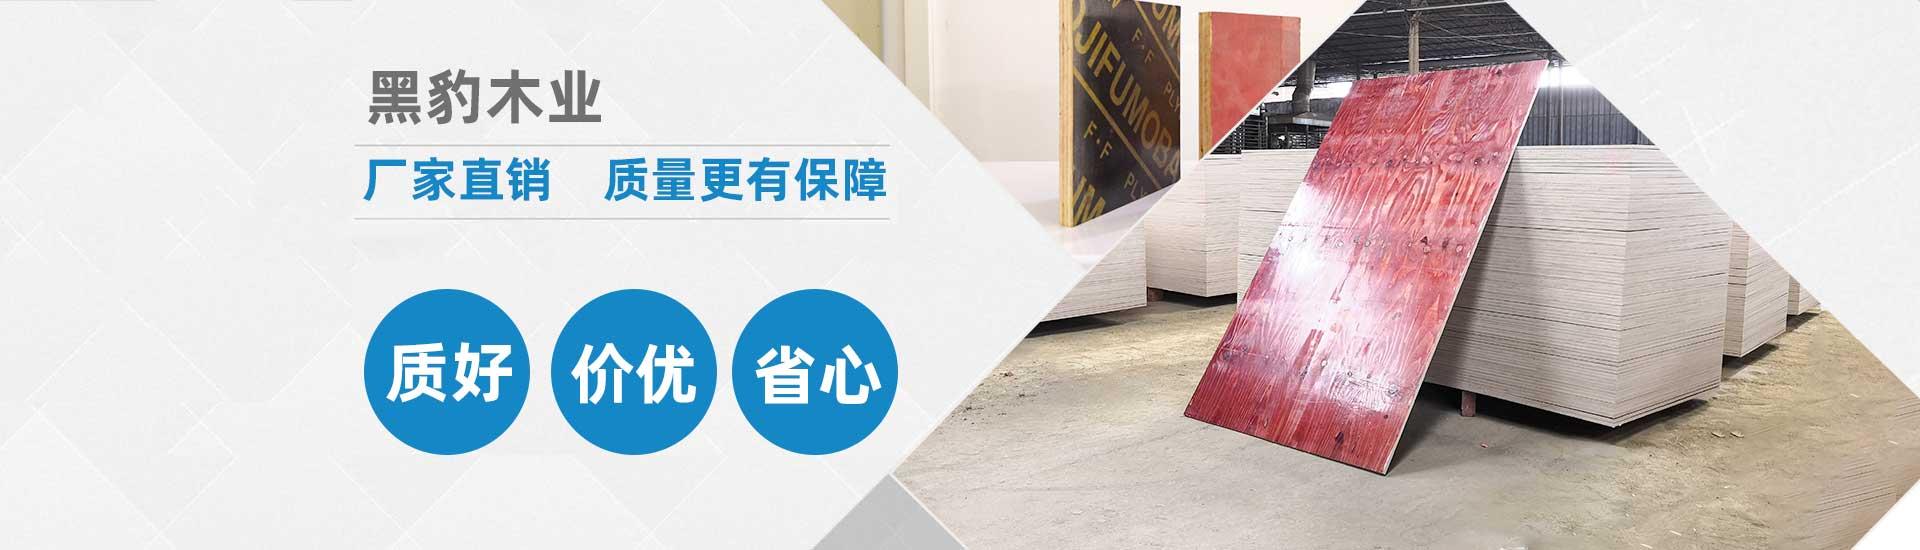 广西建筑木胶板厂家